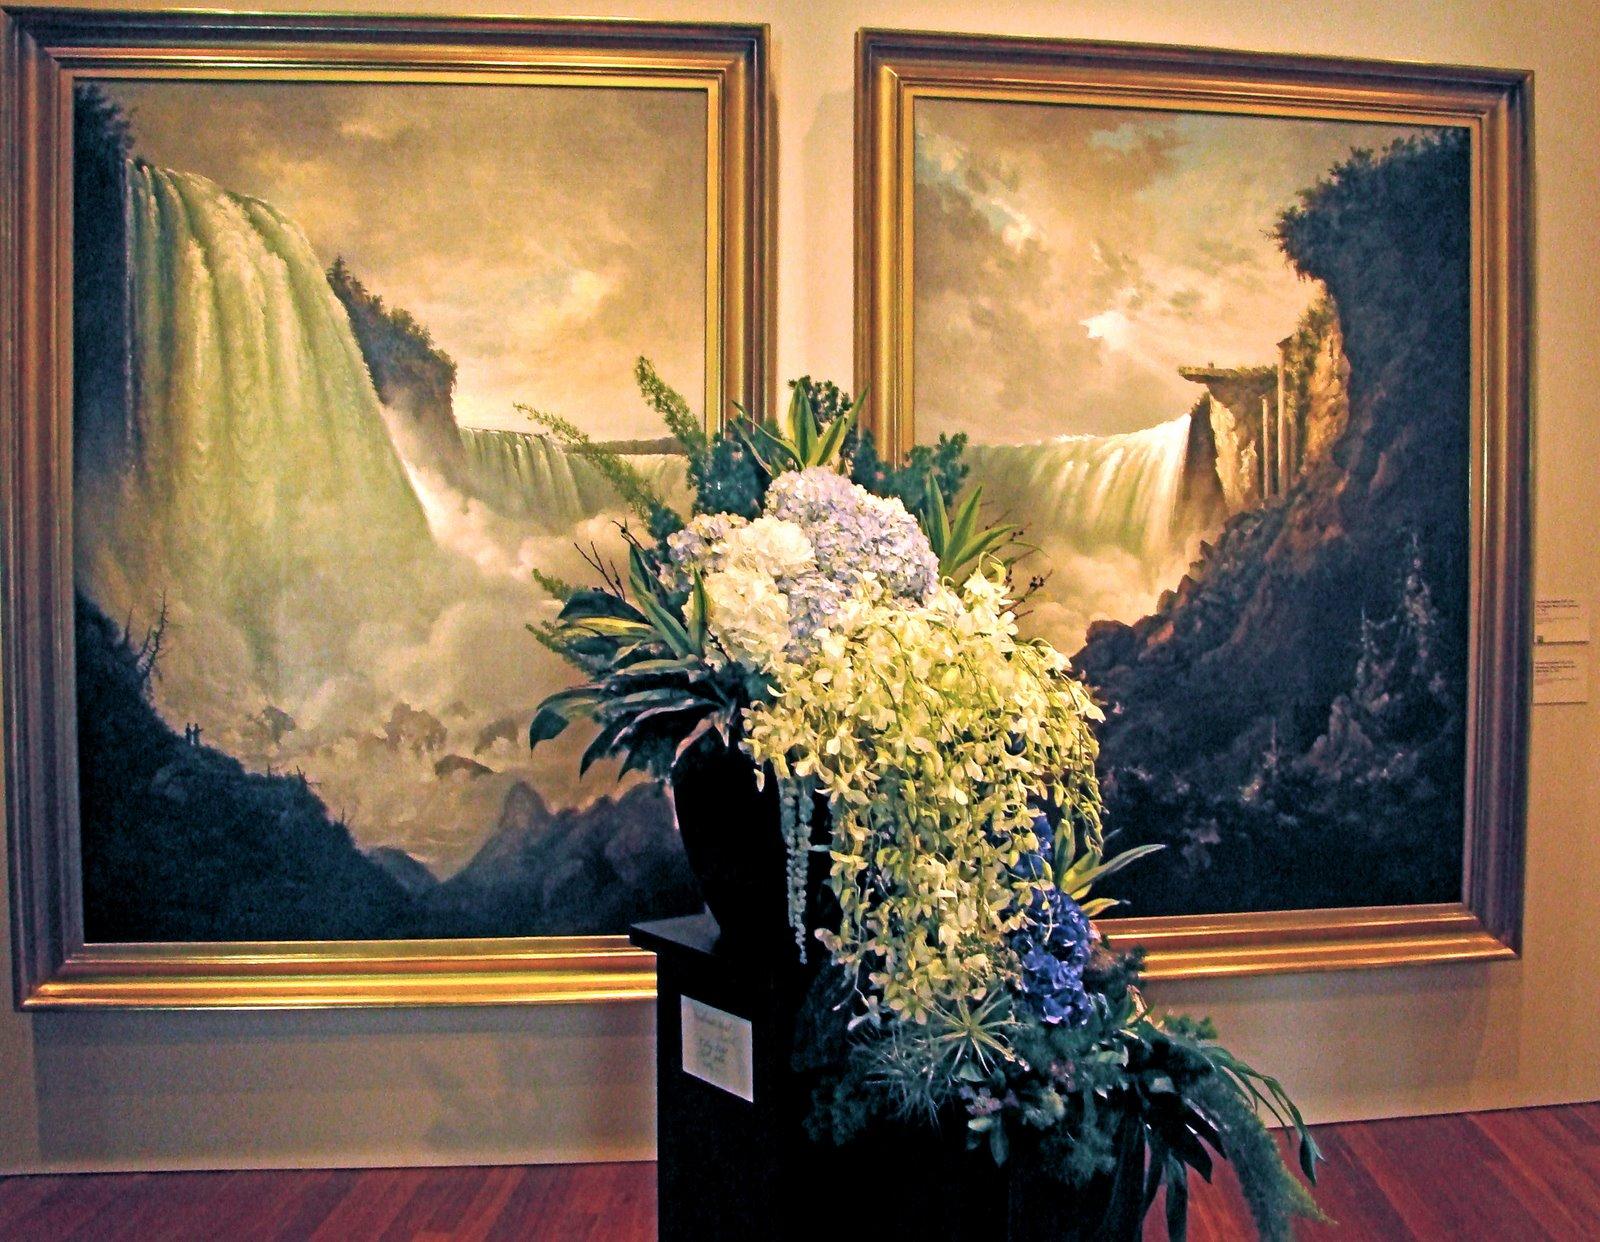 DSC04517 Bouquets to Art 2009 waterfall